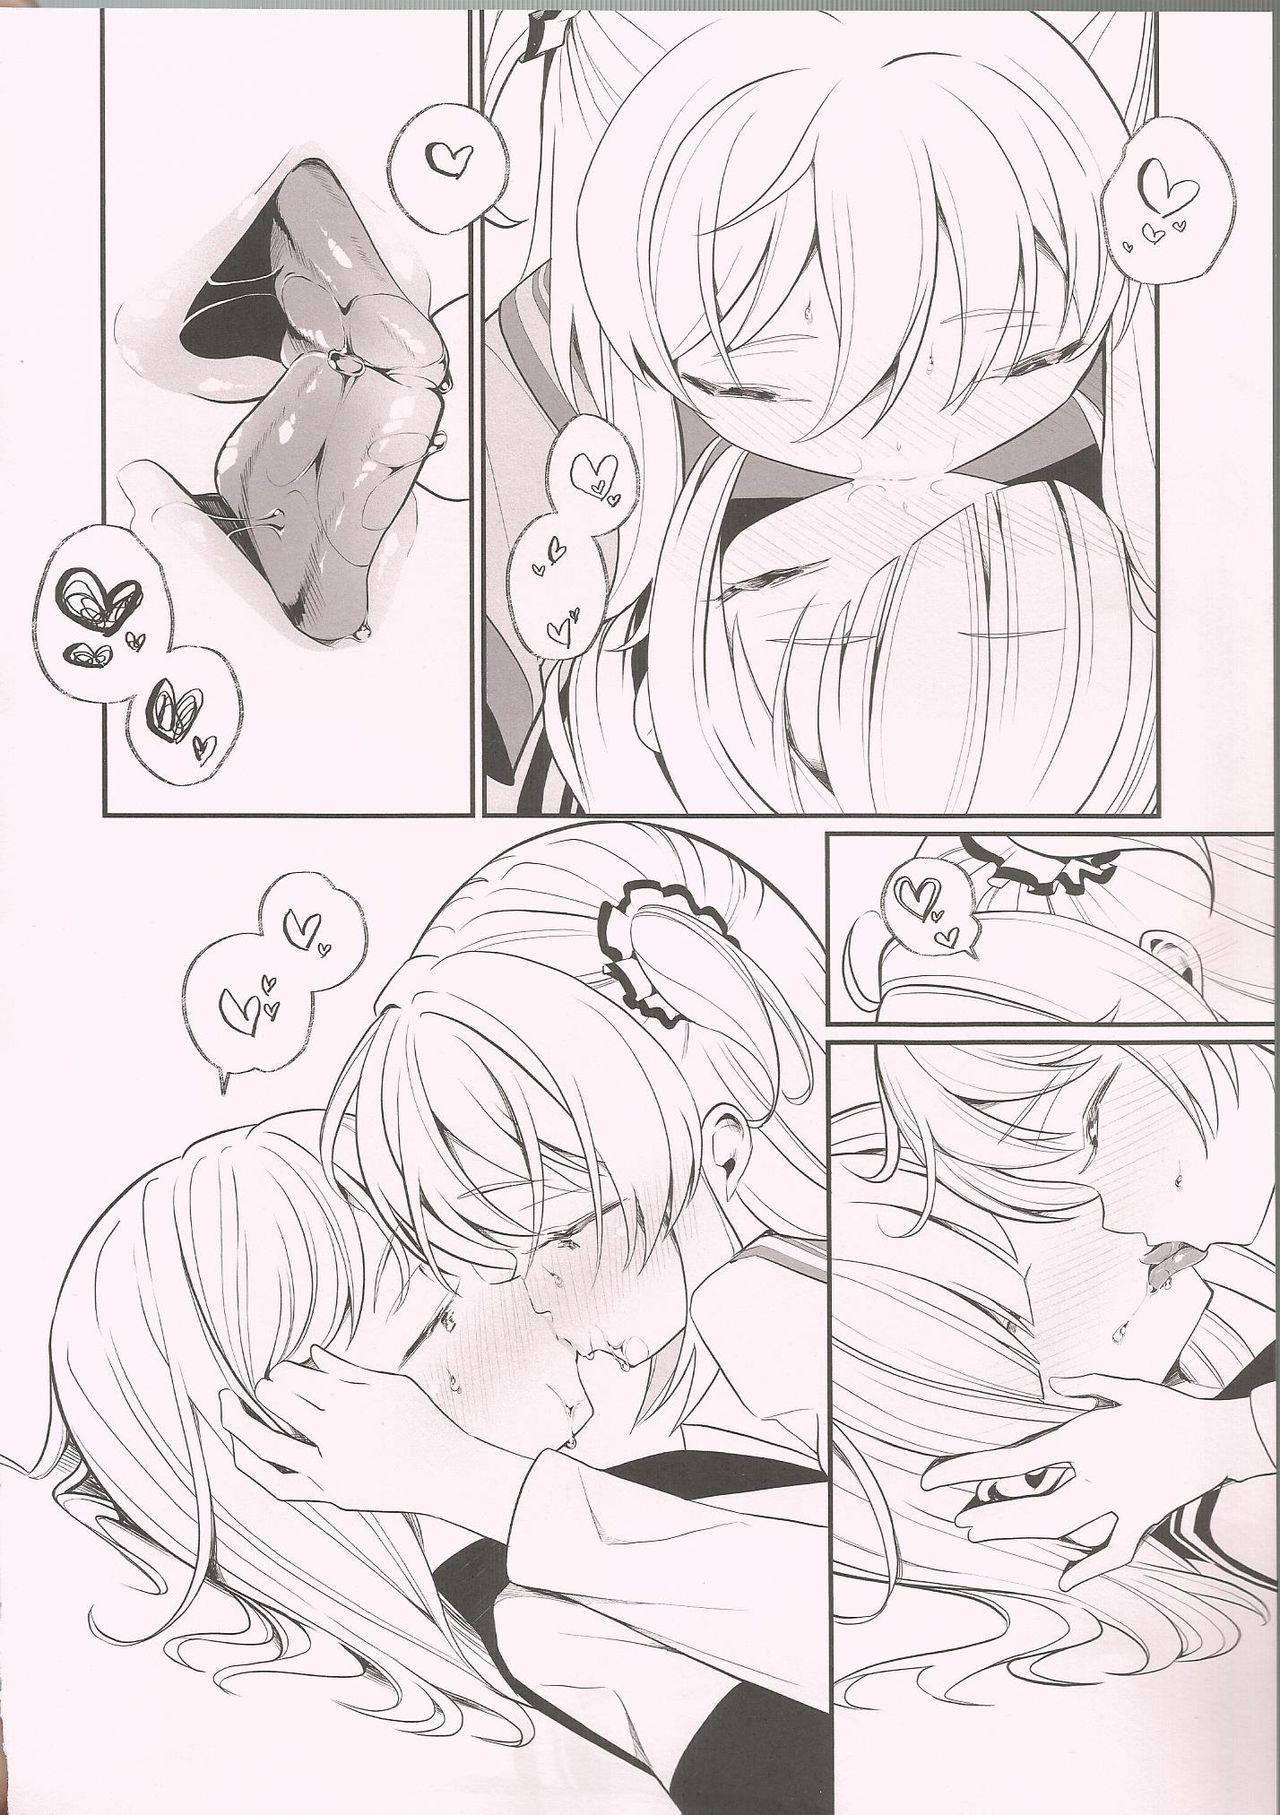 Rika Ren ga Kiss Suru dake 10